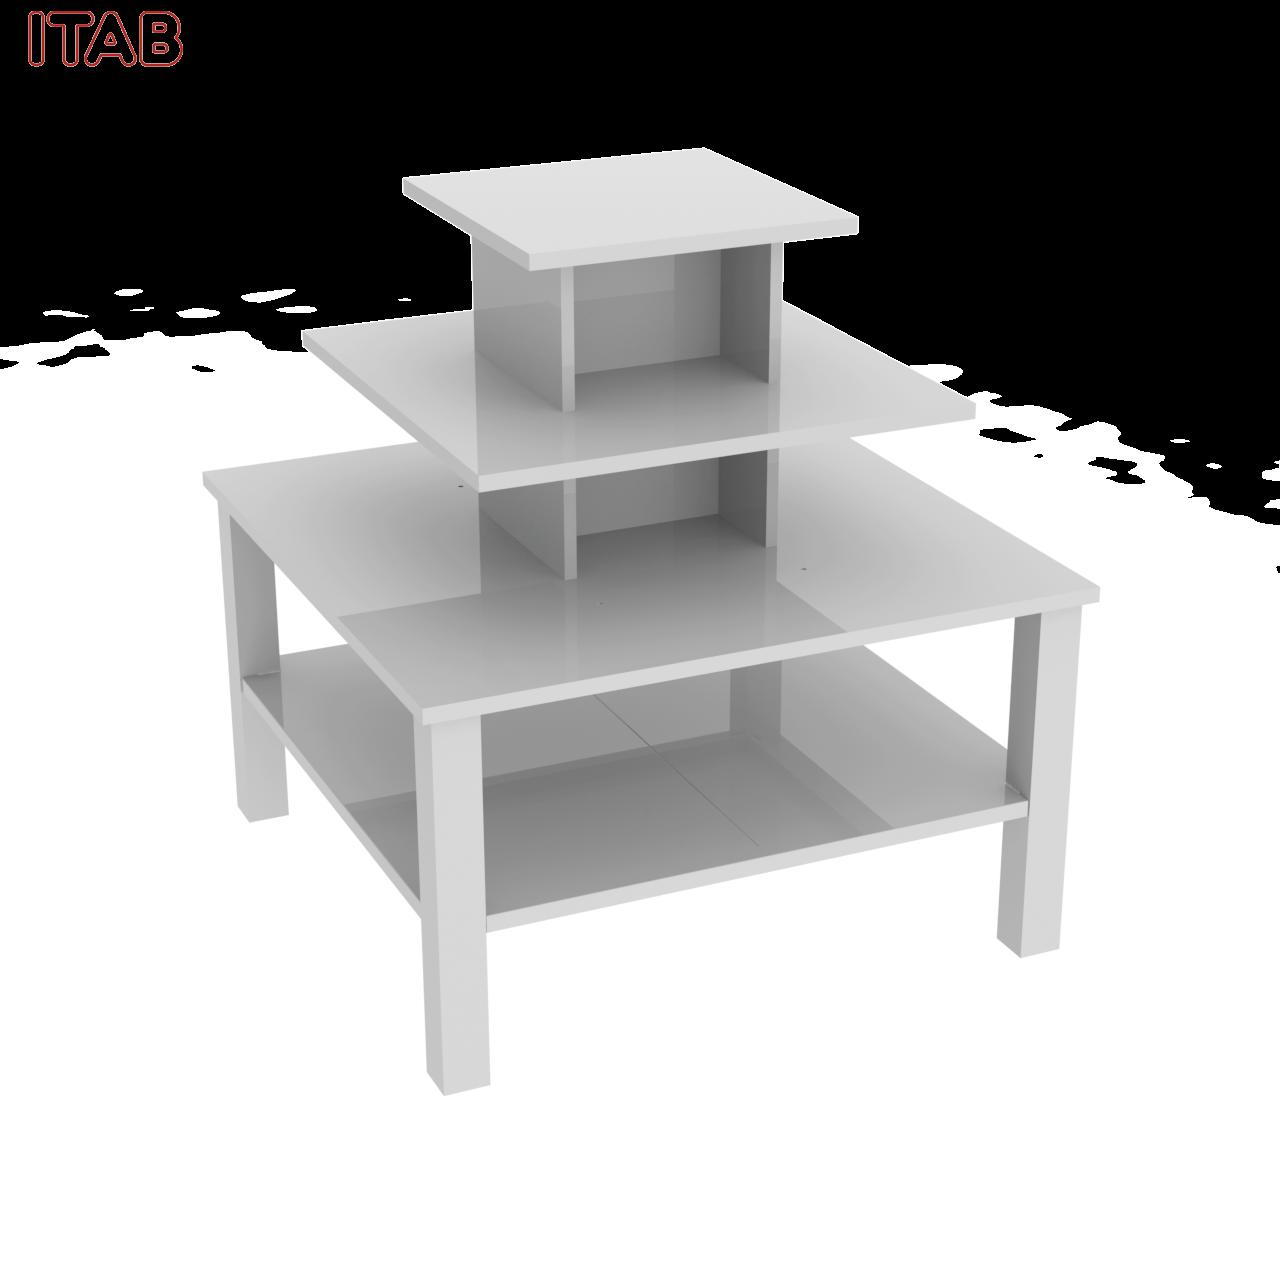 Kirjapöytä 120x120